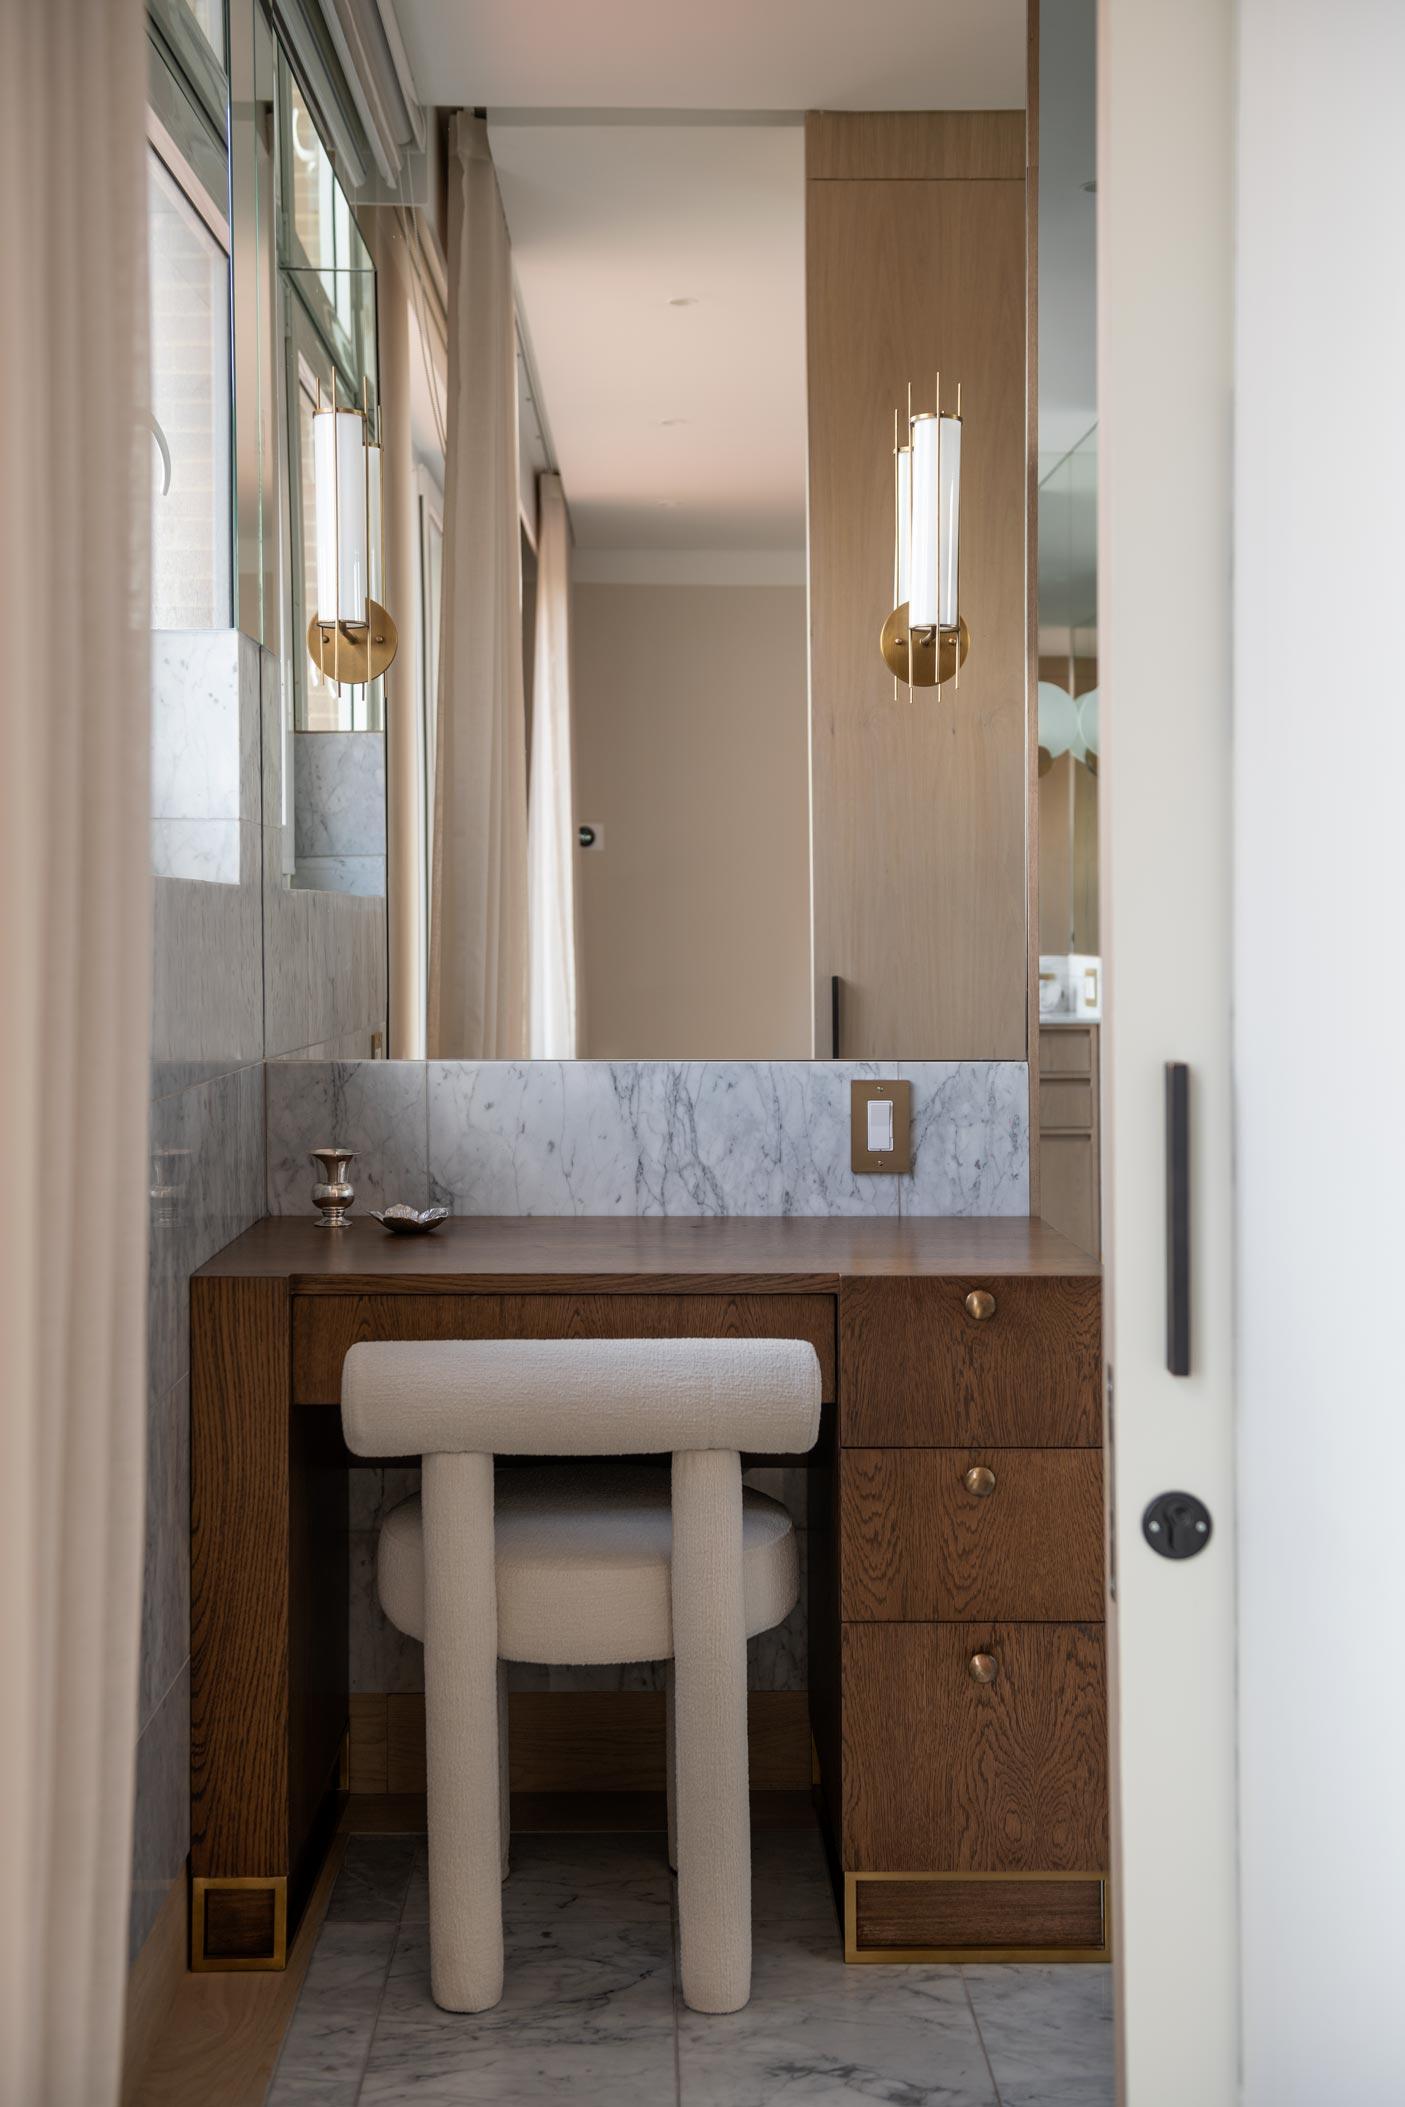 Bathroom, Veronica Mishaan